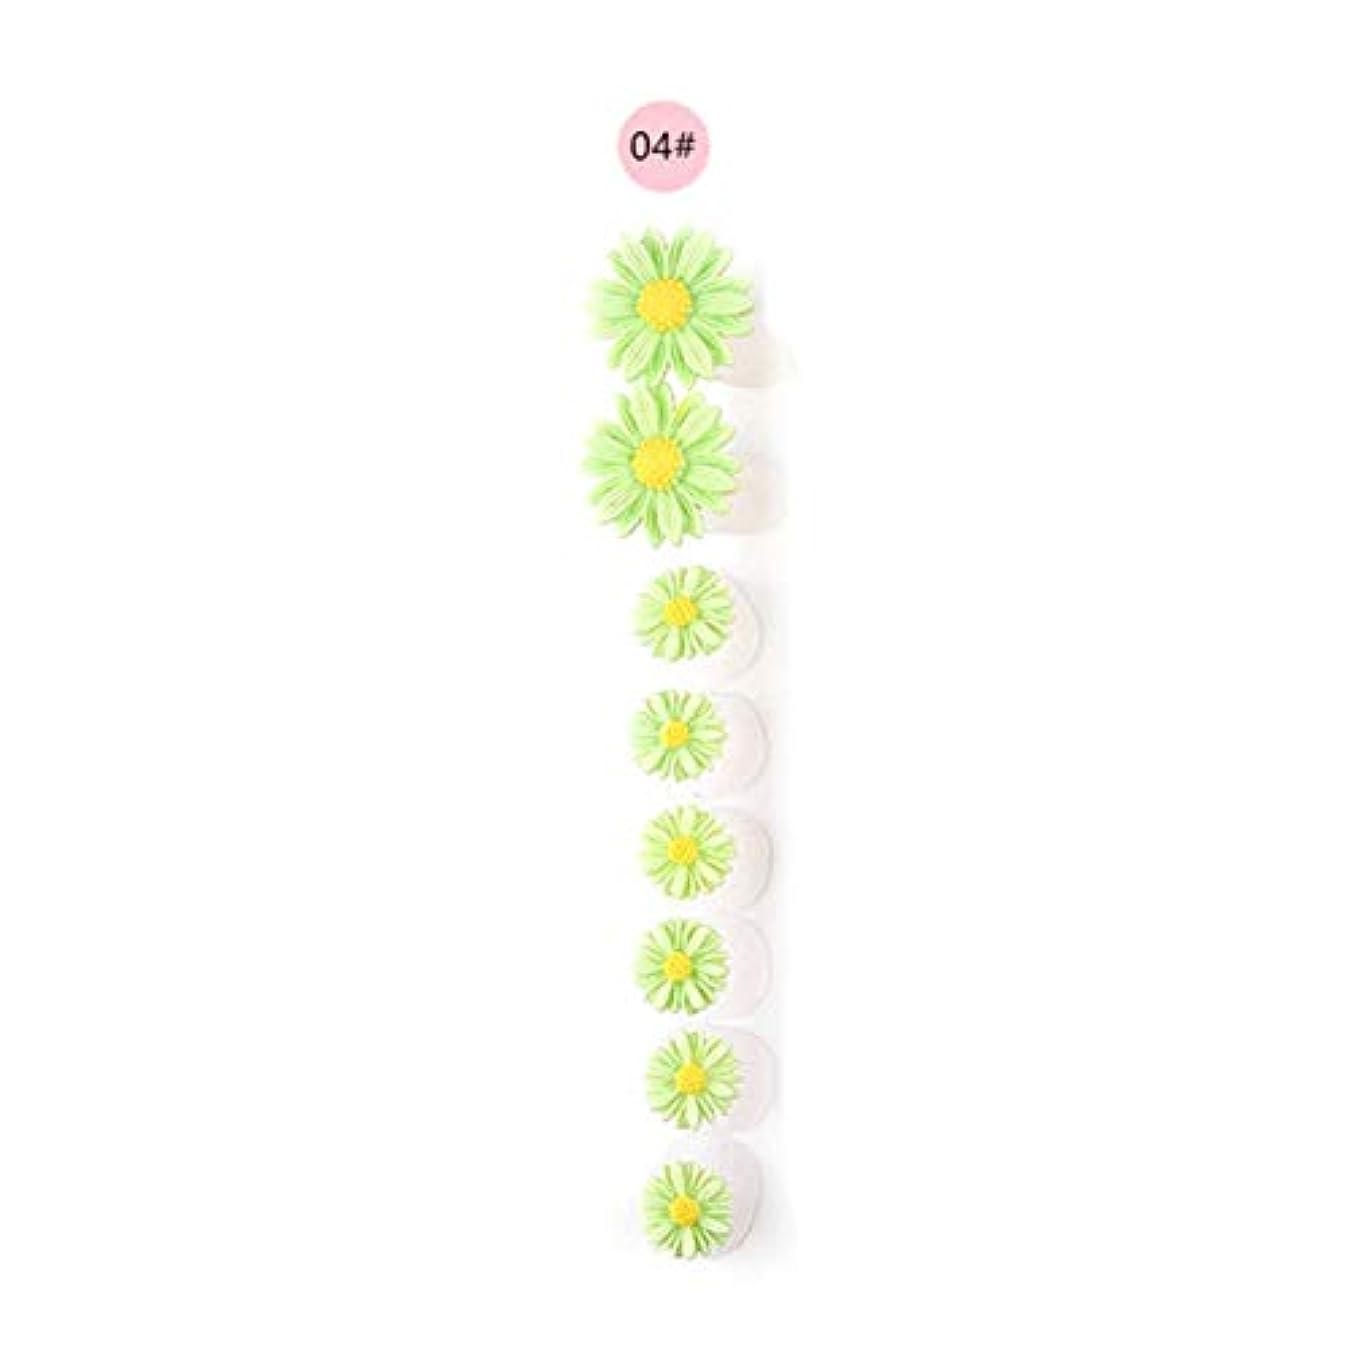 魔術植物学永遠の8ピース/セットシリコンつま先セパレーター足つま先スペーサー花形ペディキュアDIYネイルアートツール-カラフル04#